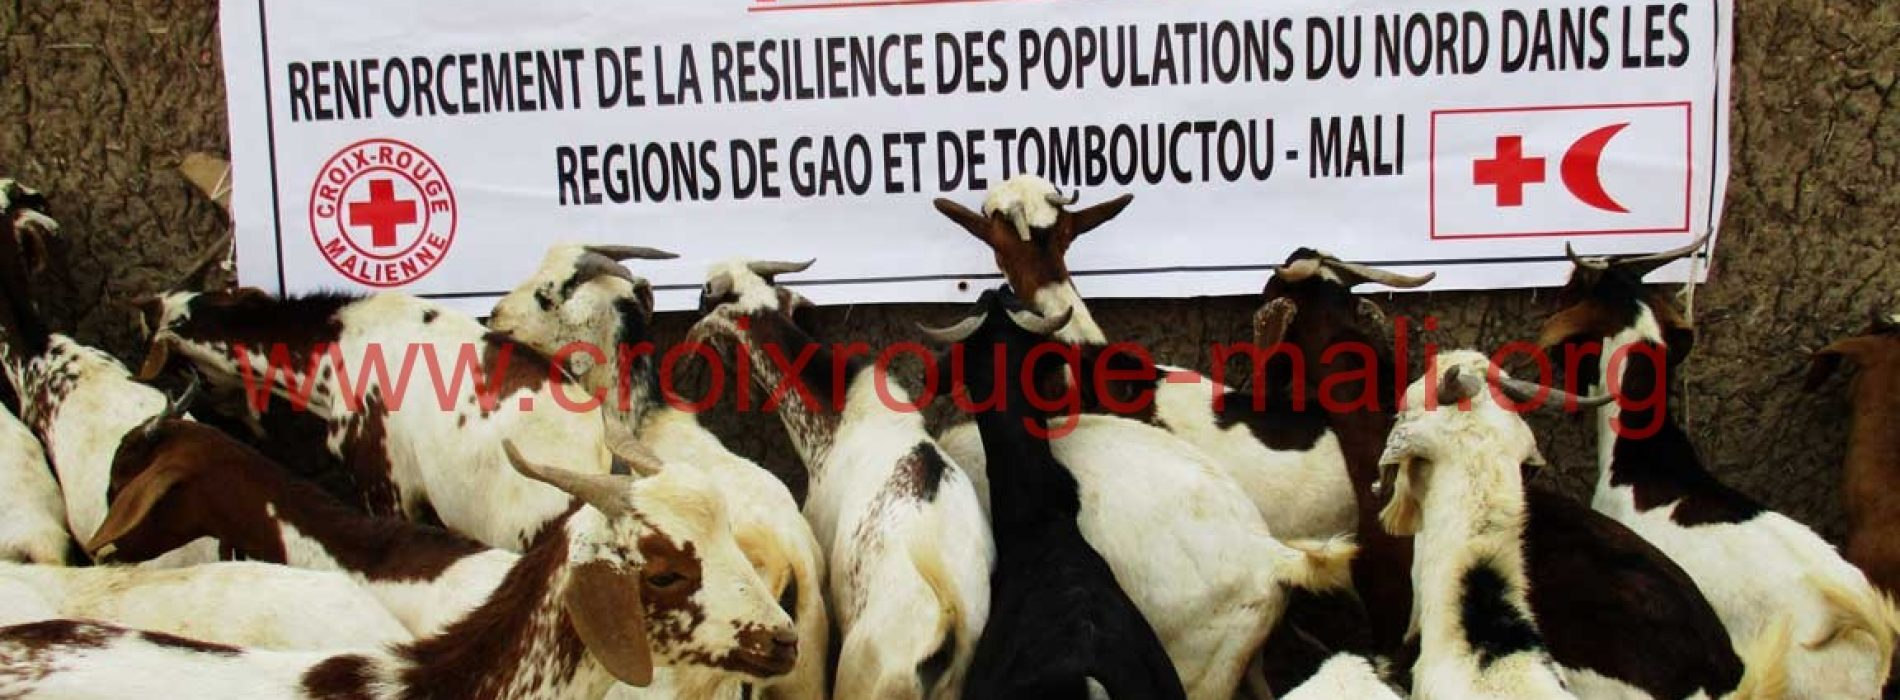 Nord-Mali : RENFORCEMENT DES CONDITIONS DE VIE DES POPULATIONS